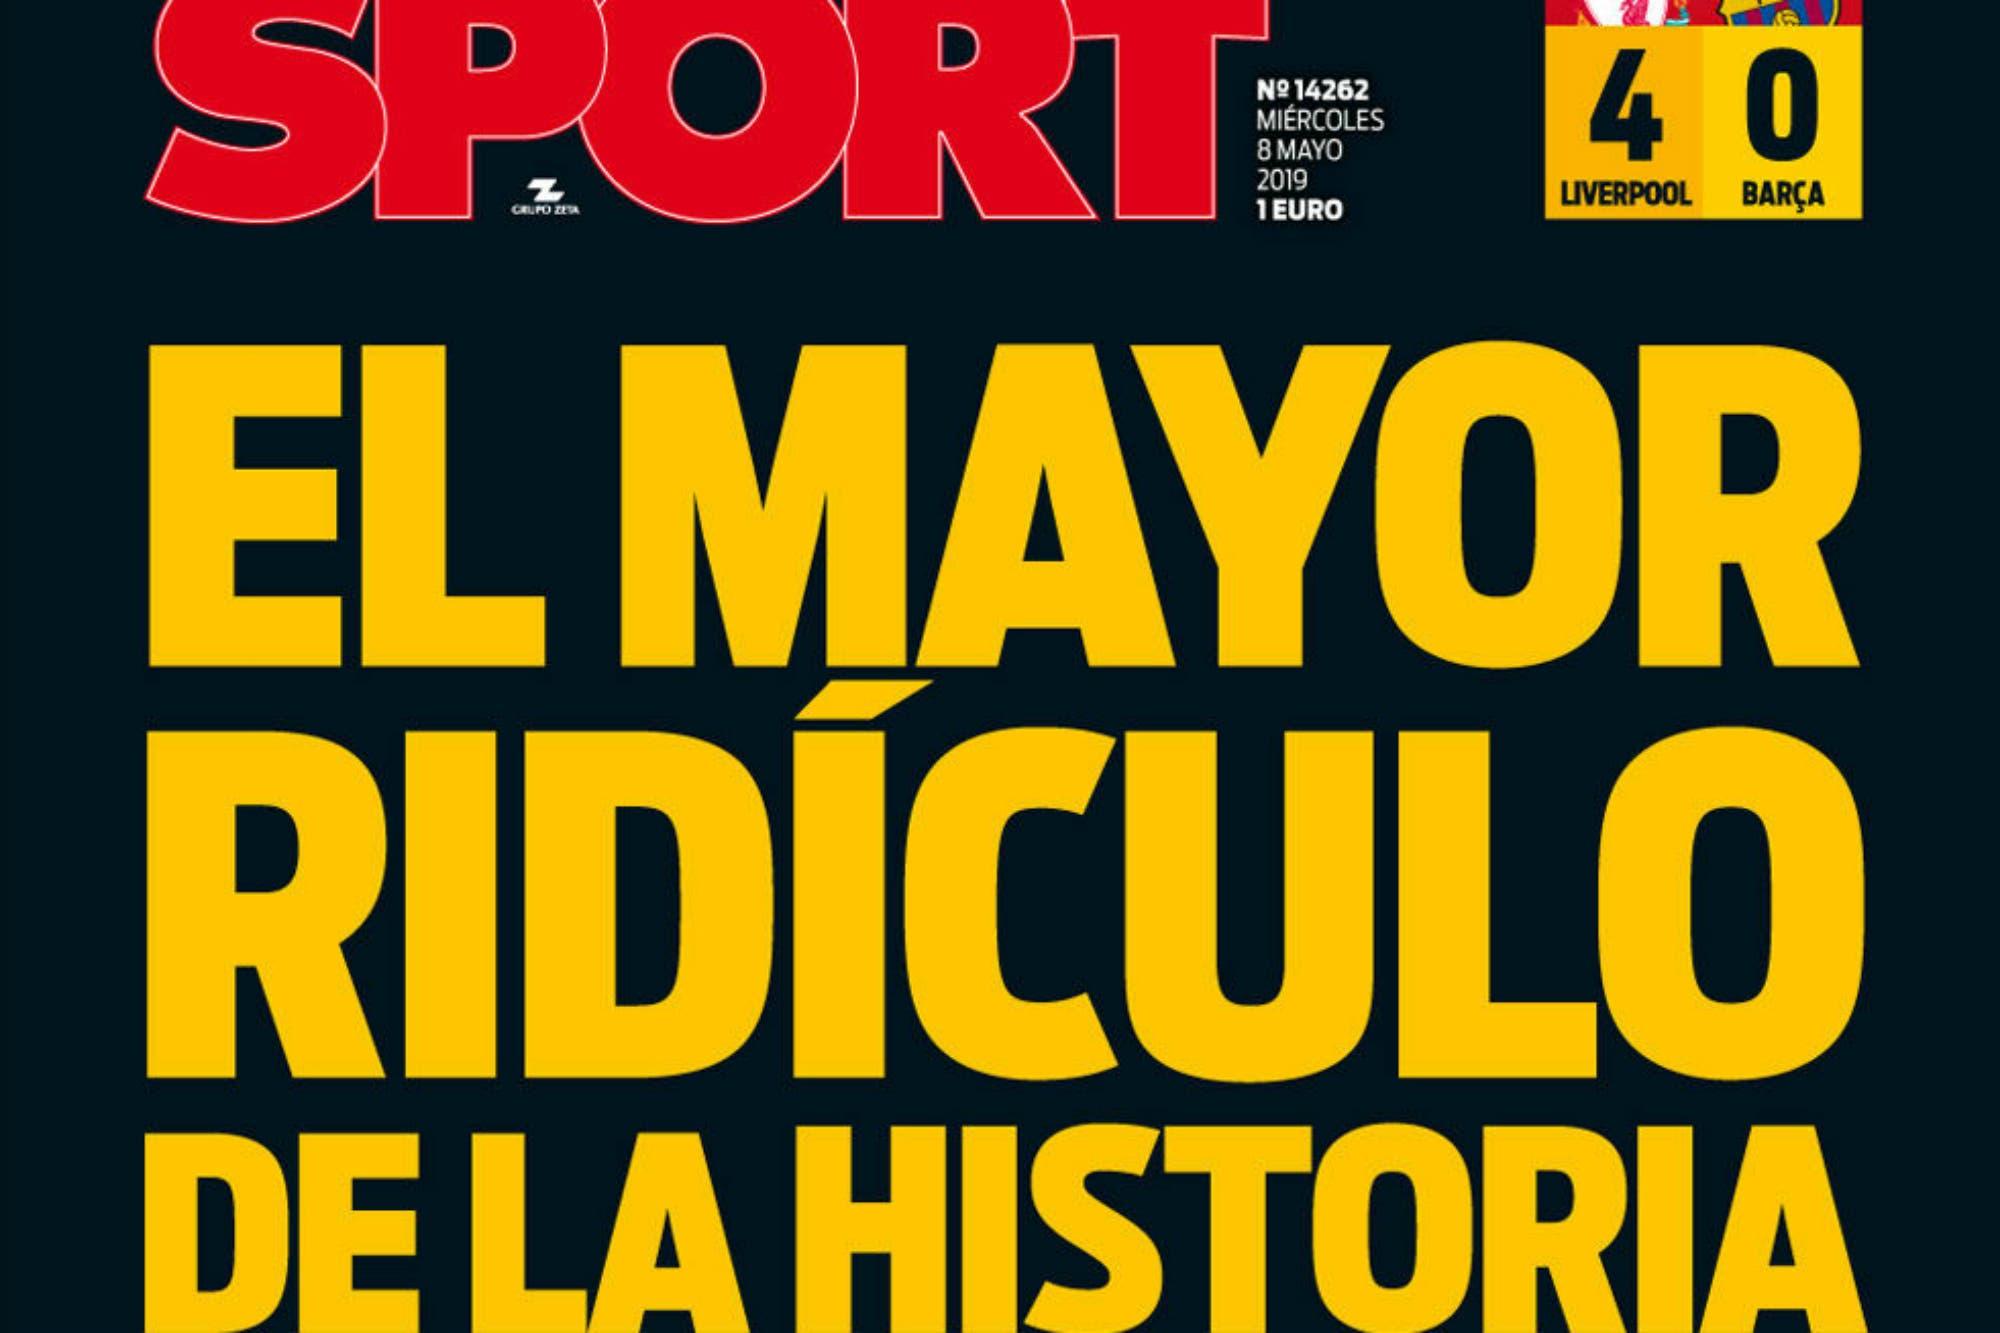 """""""El mayor ridículo de la historia"""": los diarios tras la debacle del Barcelona de Messi"""